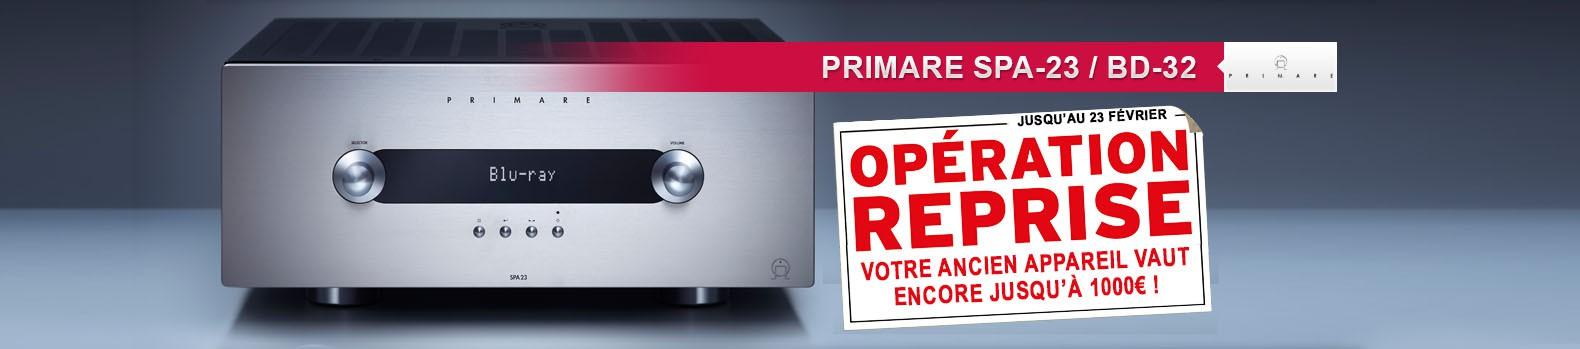 Opération reprise sur amplificateur home cinéma et lecteur blu-ray Primare